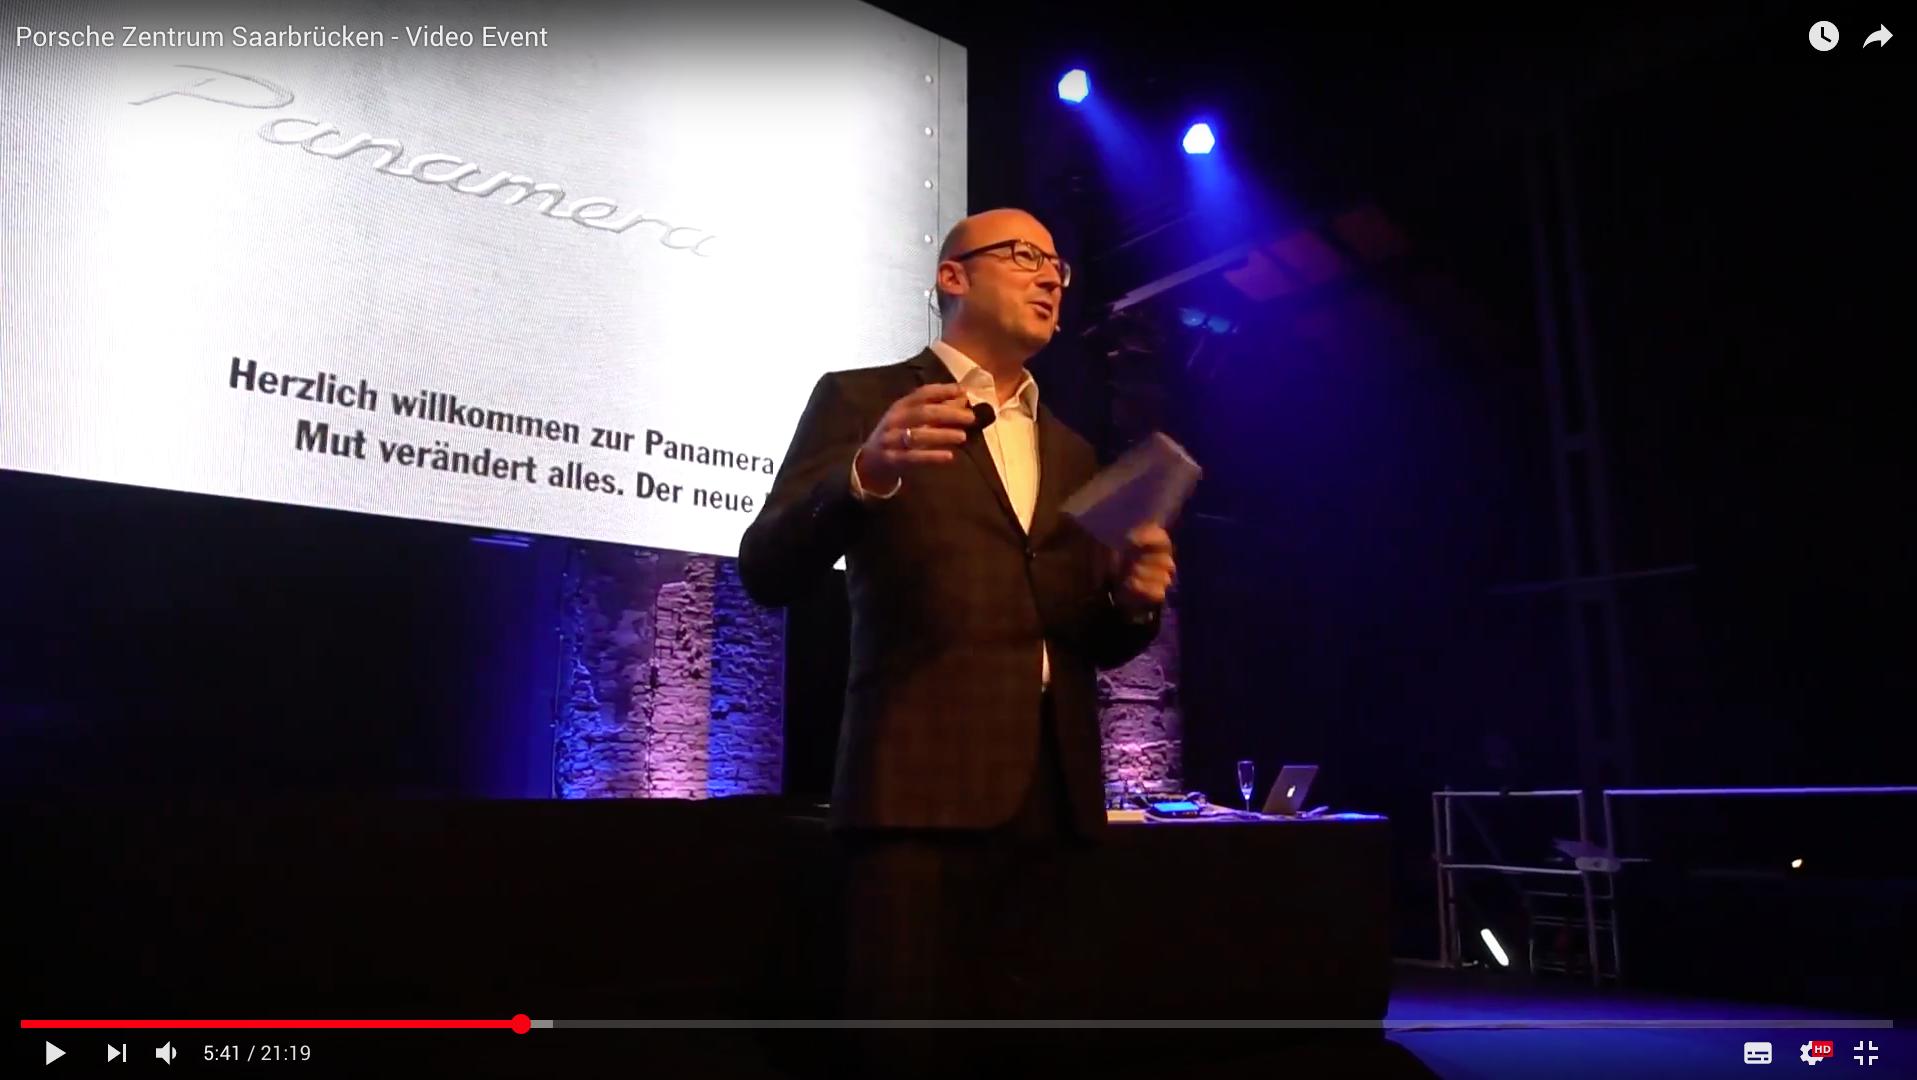 2017 Prosche Zentrum Saarbrücken - Video Event Vorstellung_MSM_MEDIEN_SAAR_MOSEL_SAARLAND_FERNSEHEN_1_ED_SAAR